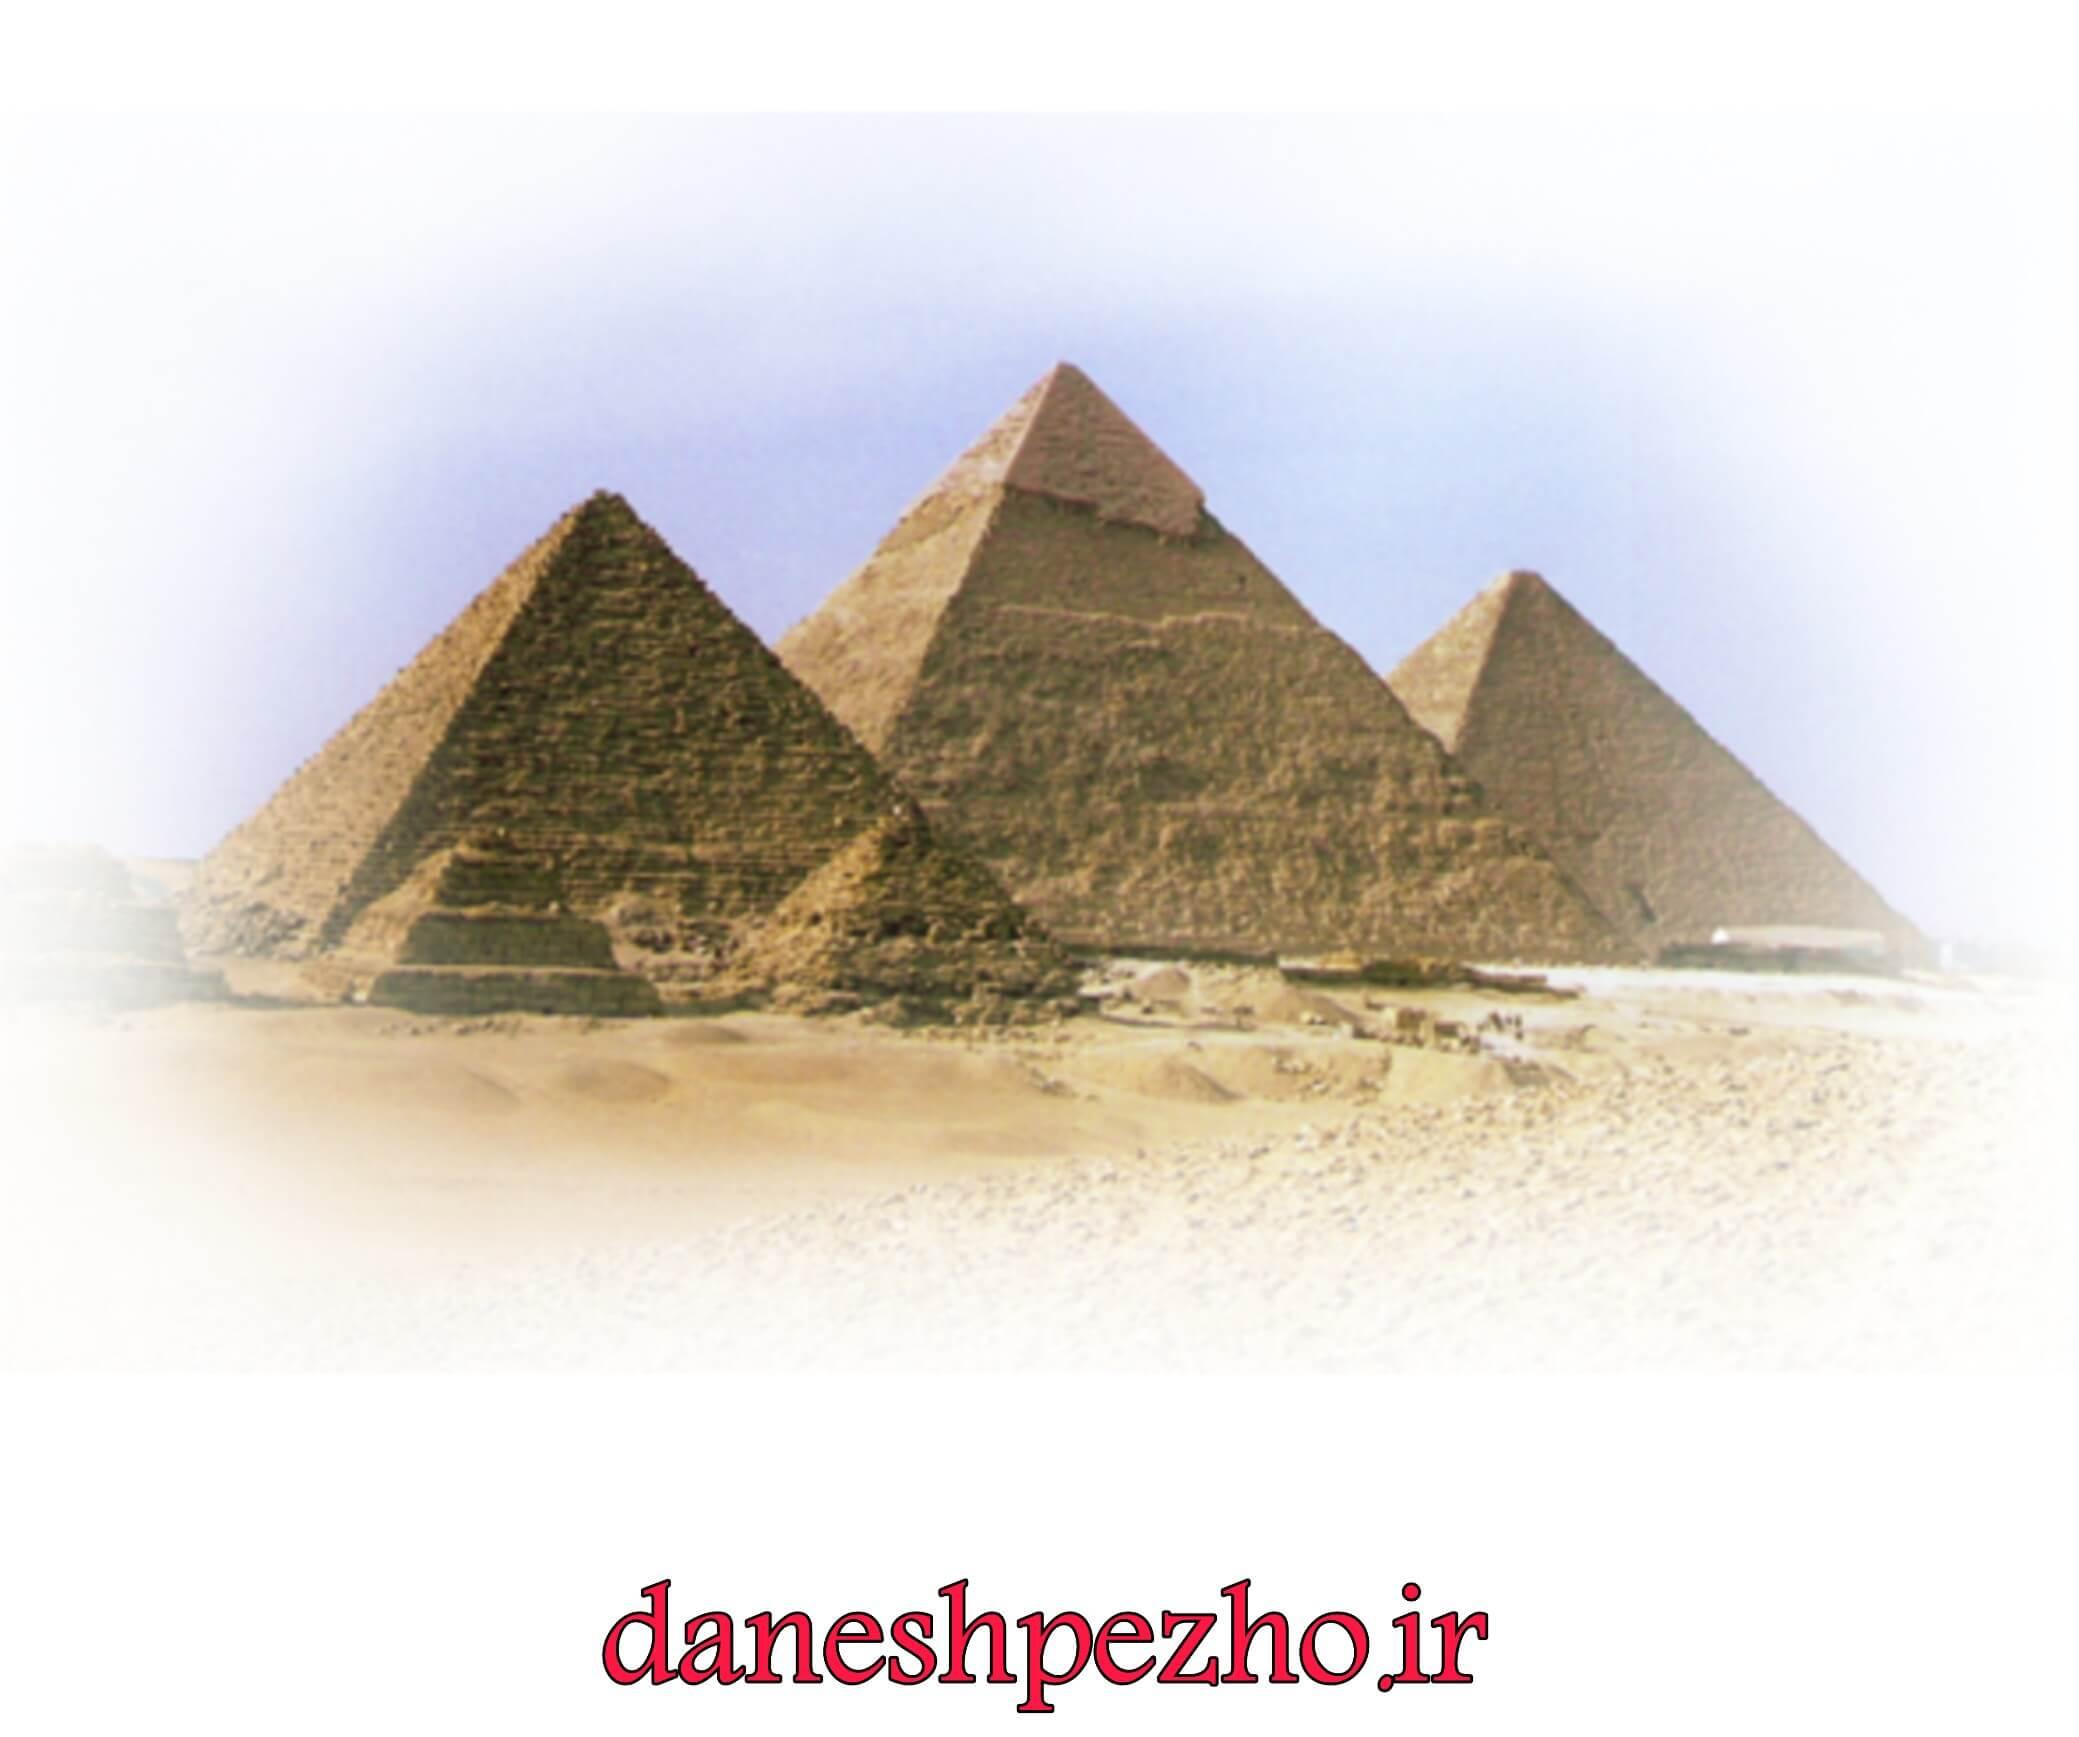 رشته باستان شناسی و گرایش های رشته باستان شناسی